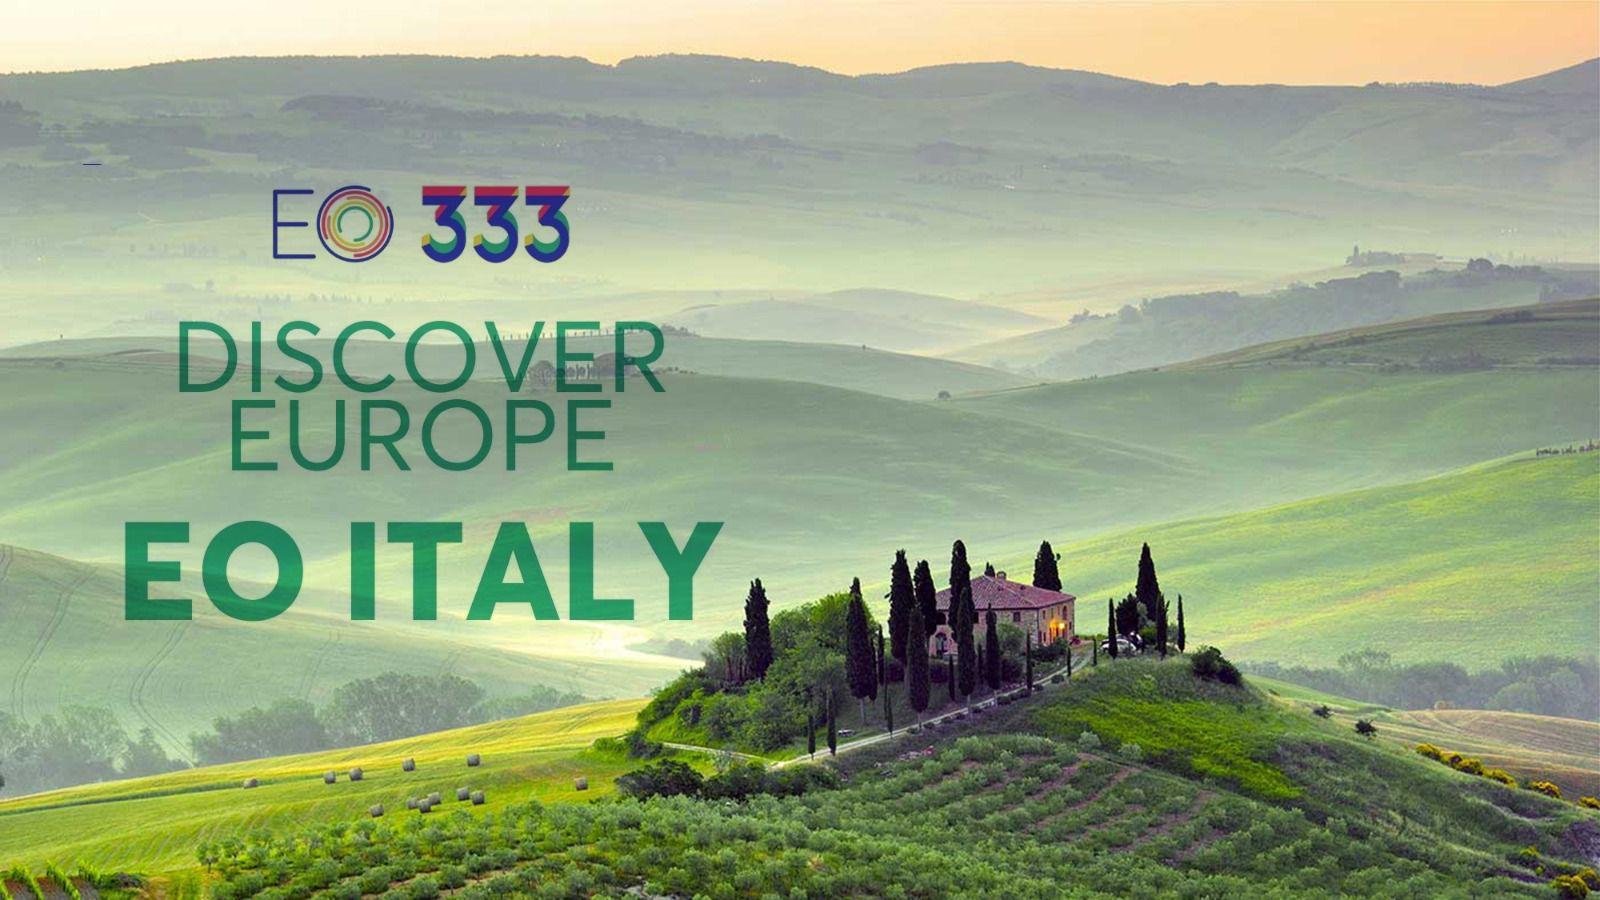 EO 333 Italy